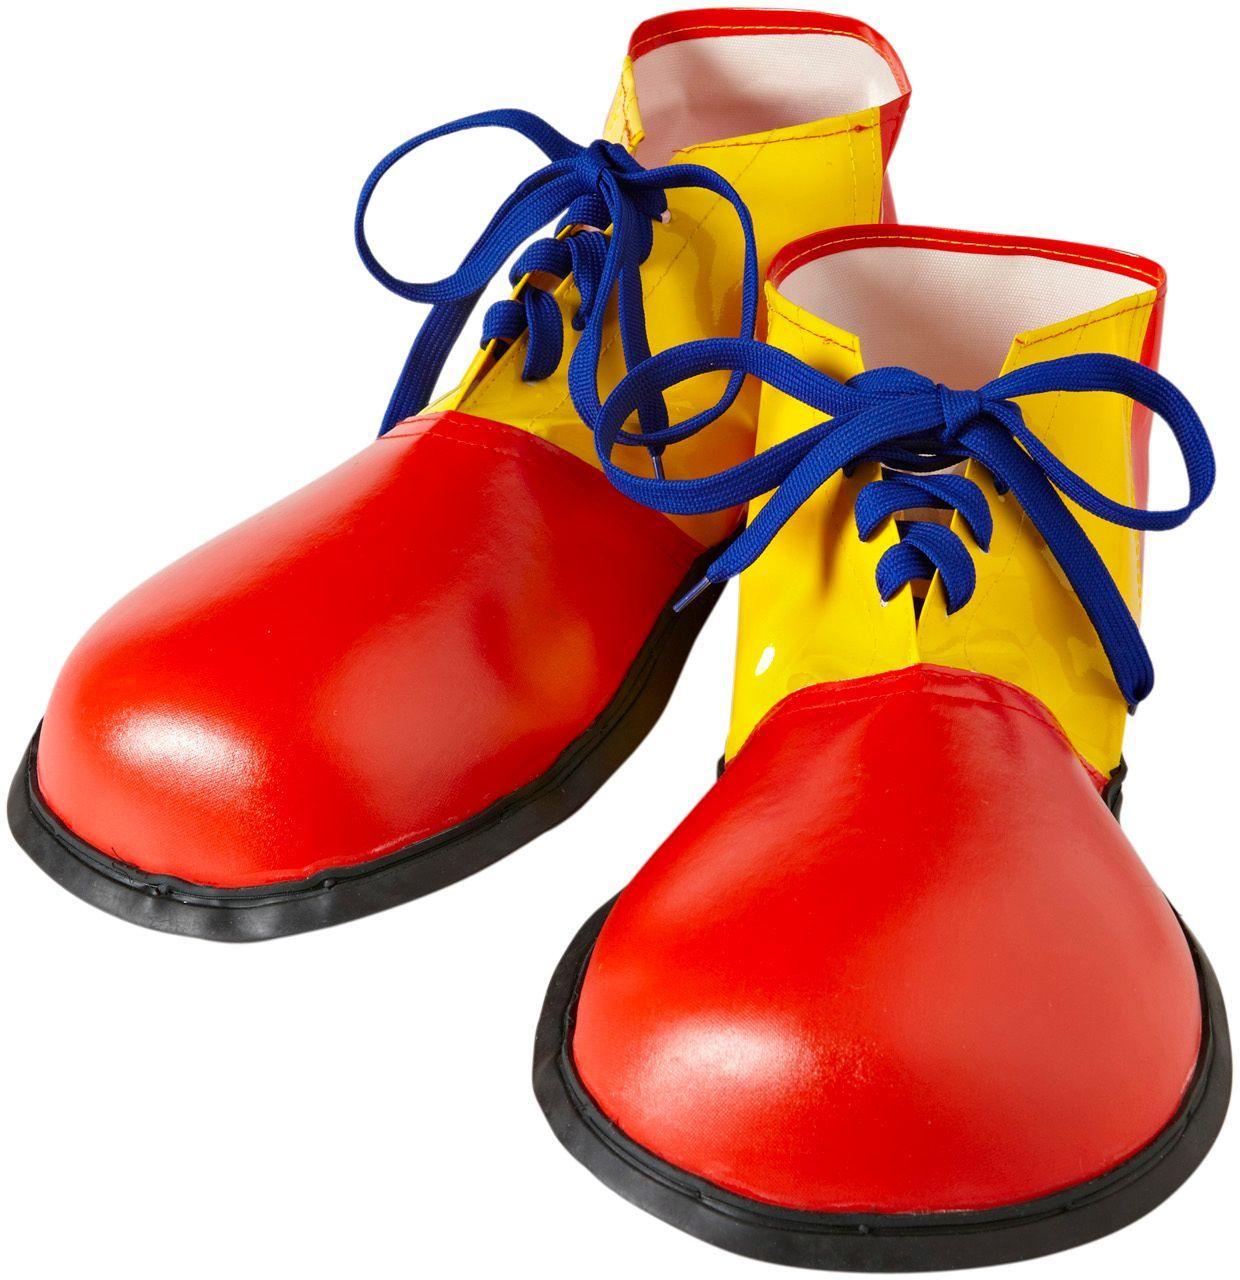 Rood gele clownsschoenen